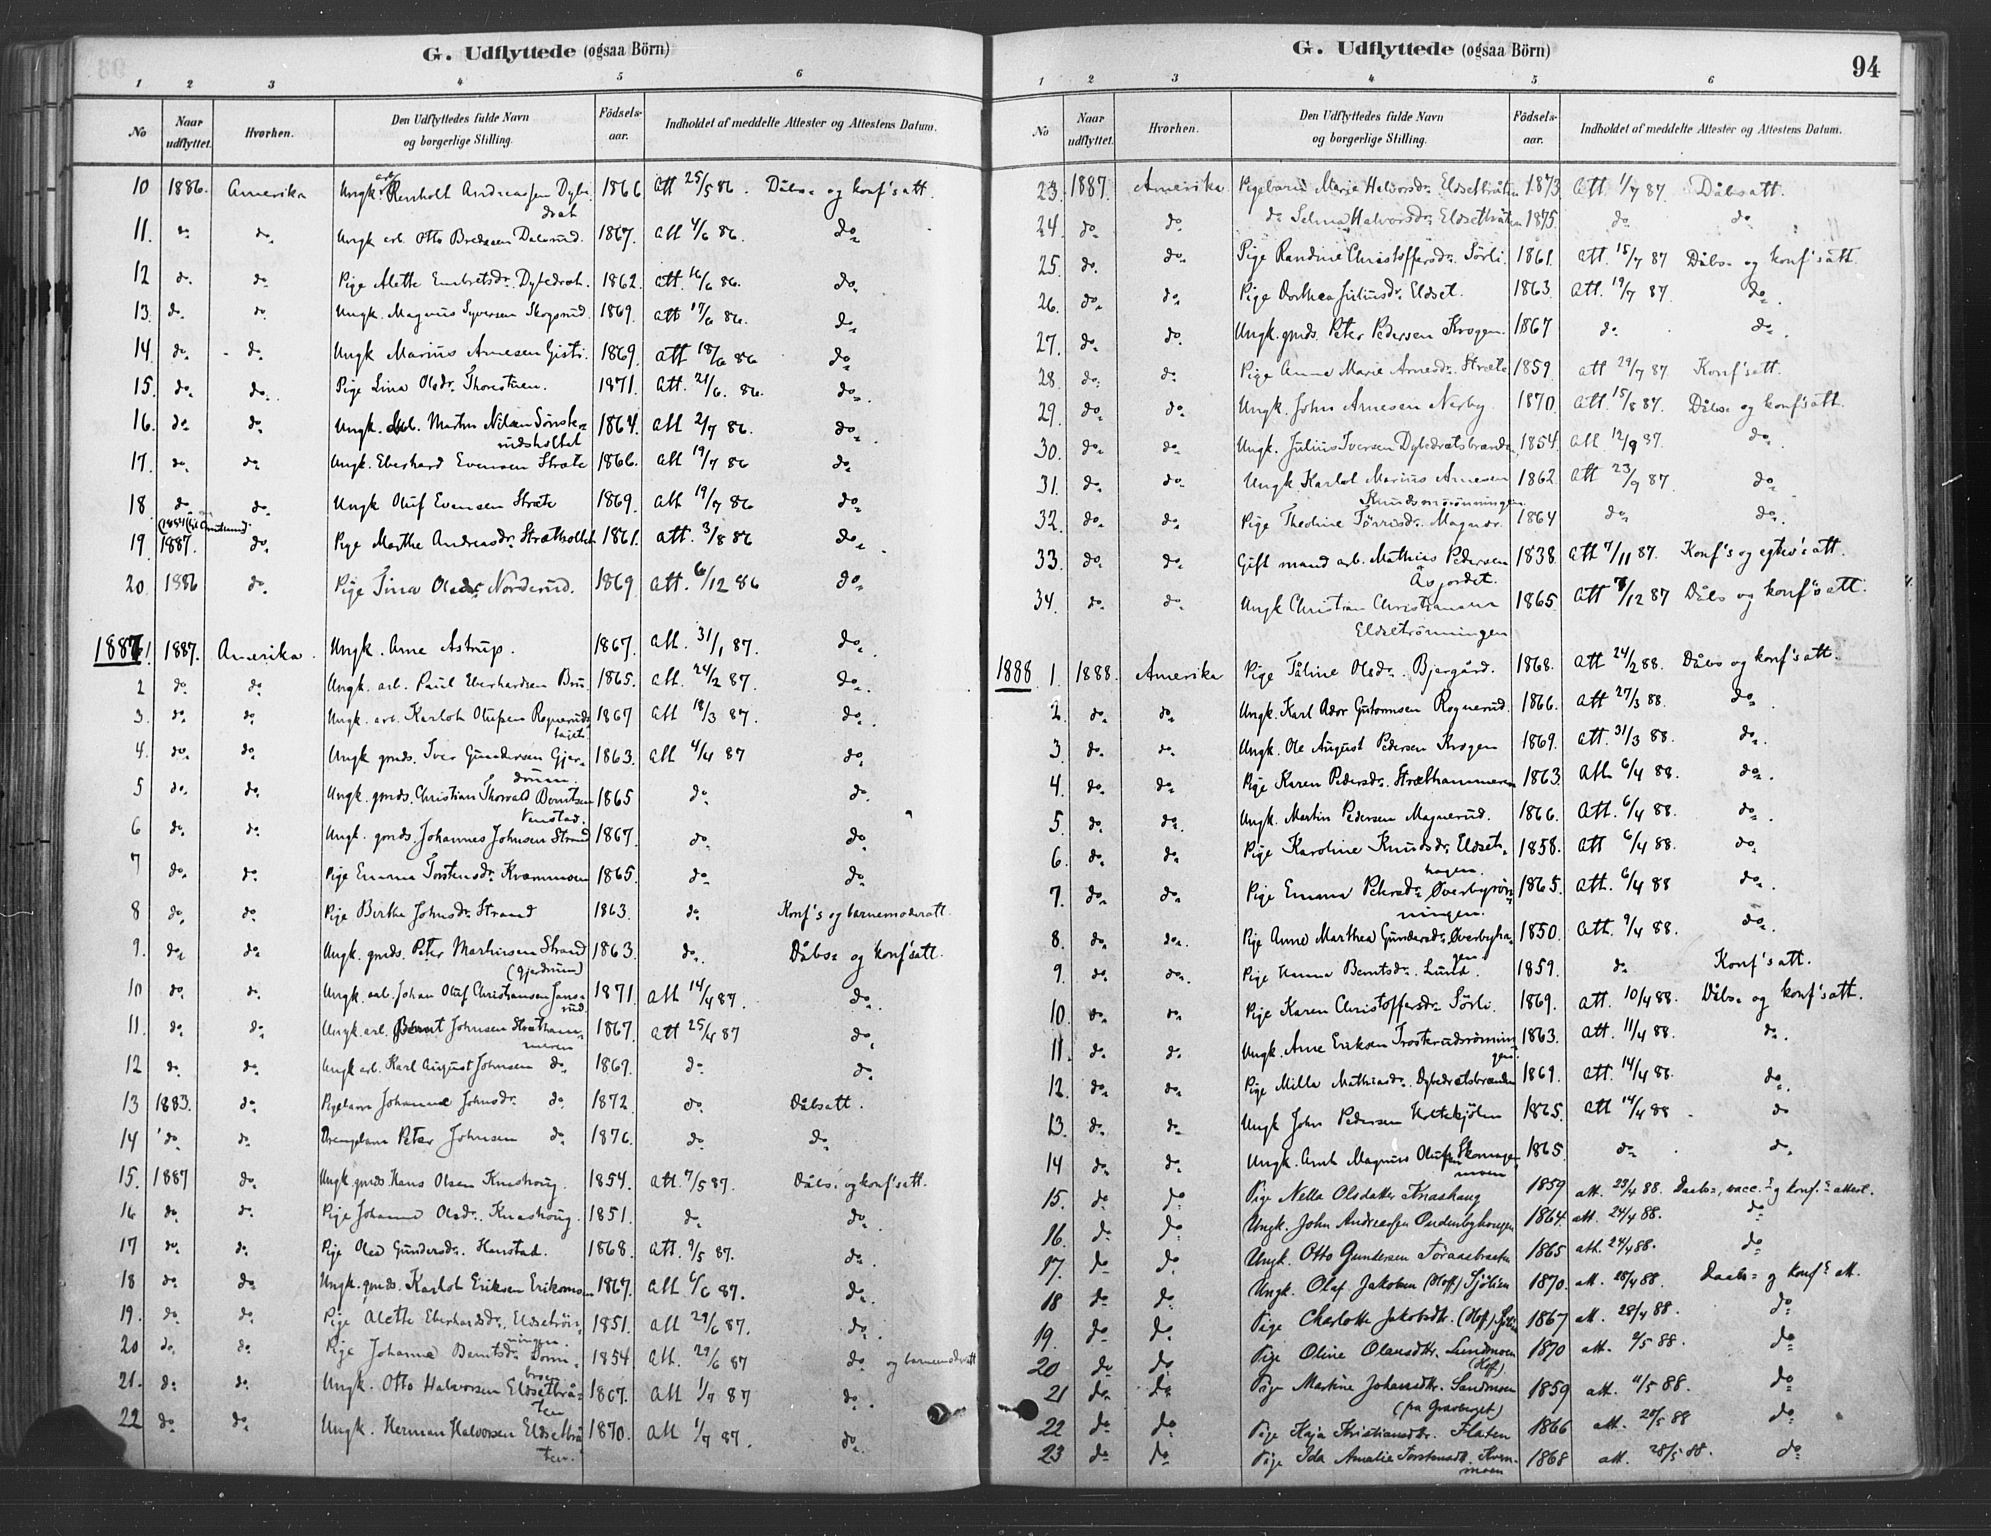 SAH, Våler prestekontor, Hedmark, Parish register (official) no. 4, 1879-1893, p. 94